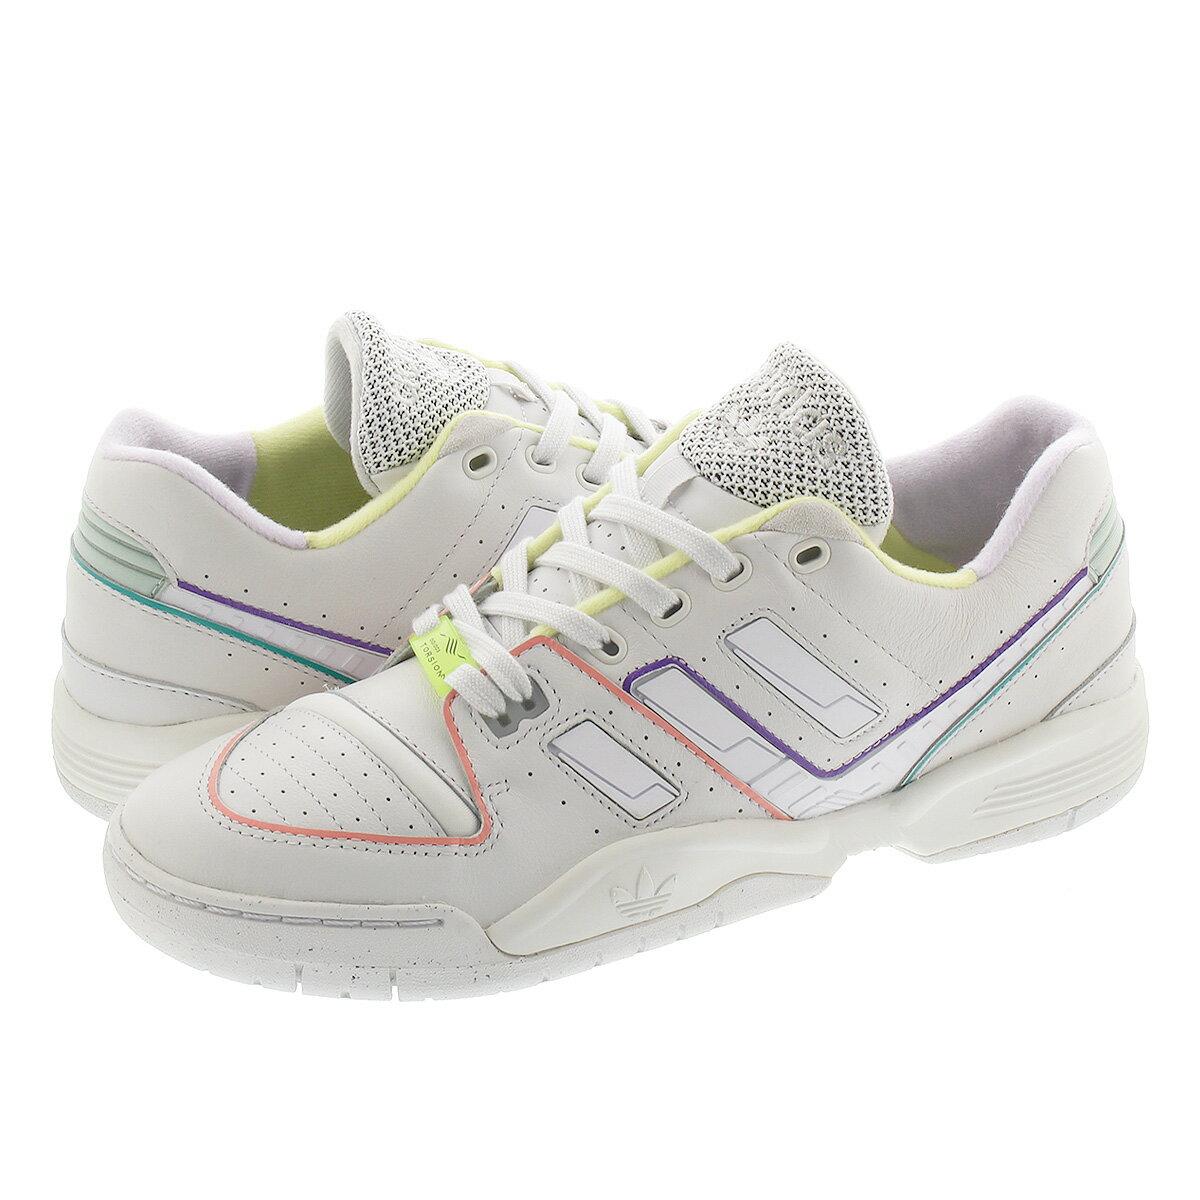 メンズ靴, スニーカー adidas TORSION COMP CRYSTAL WHITEYELLOW TINTPURPLE TINT ef5974